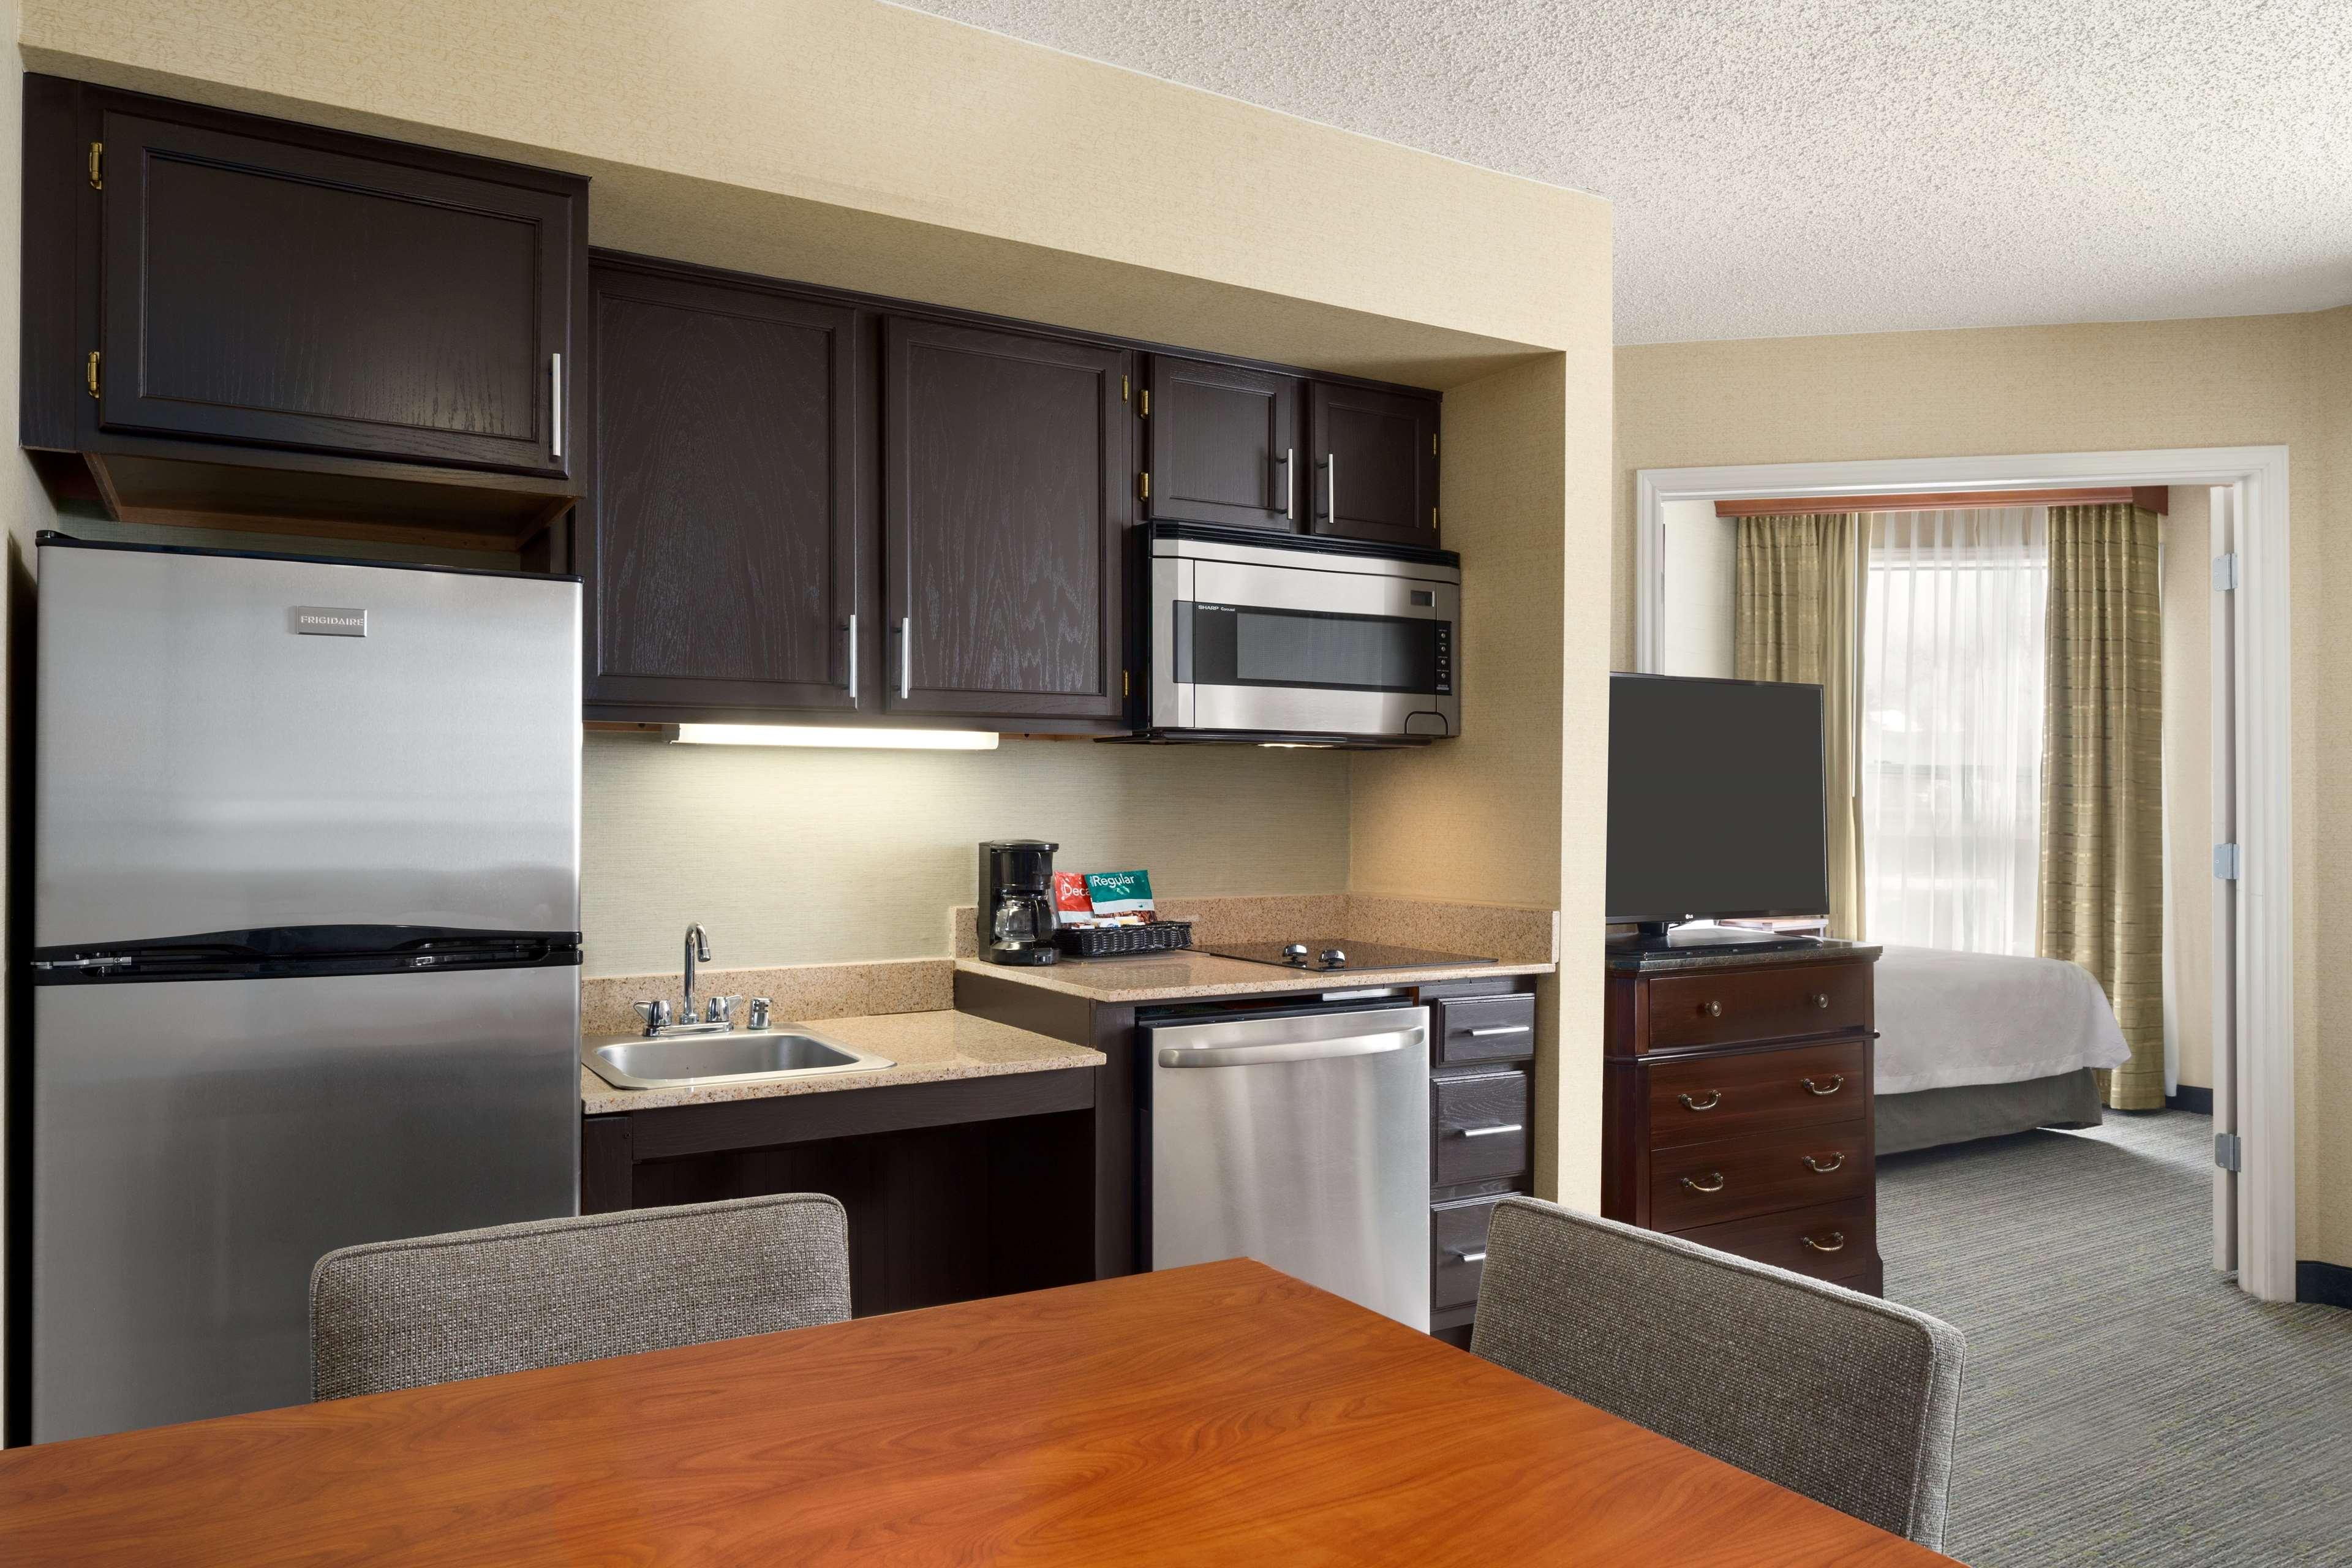 Homewood Suites by Hilton - Boulder image 27